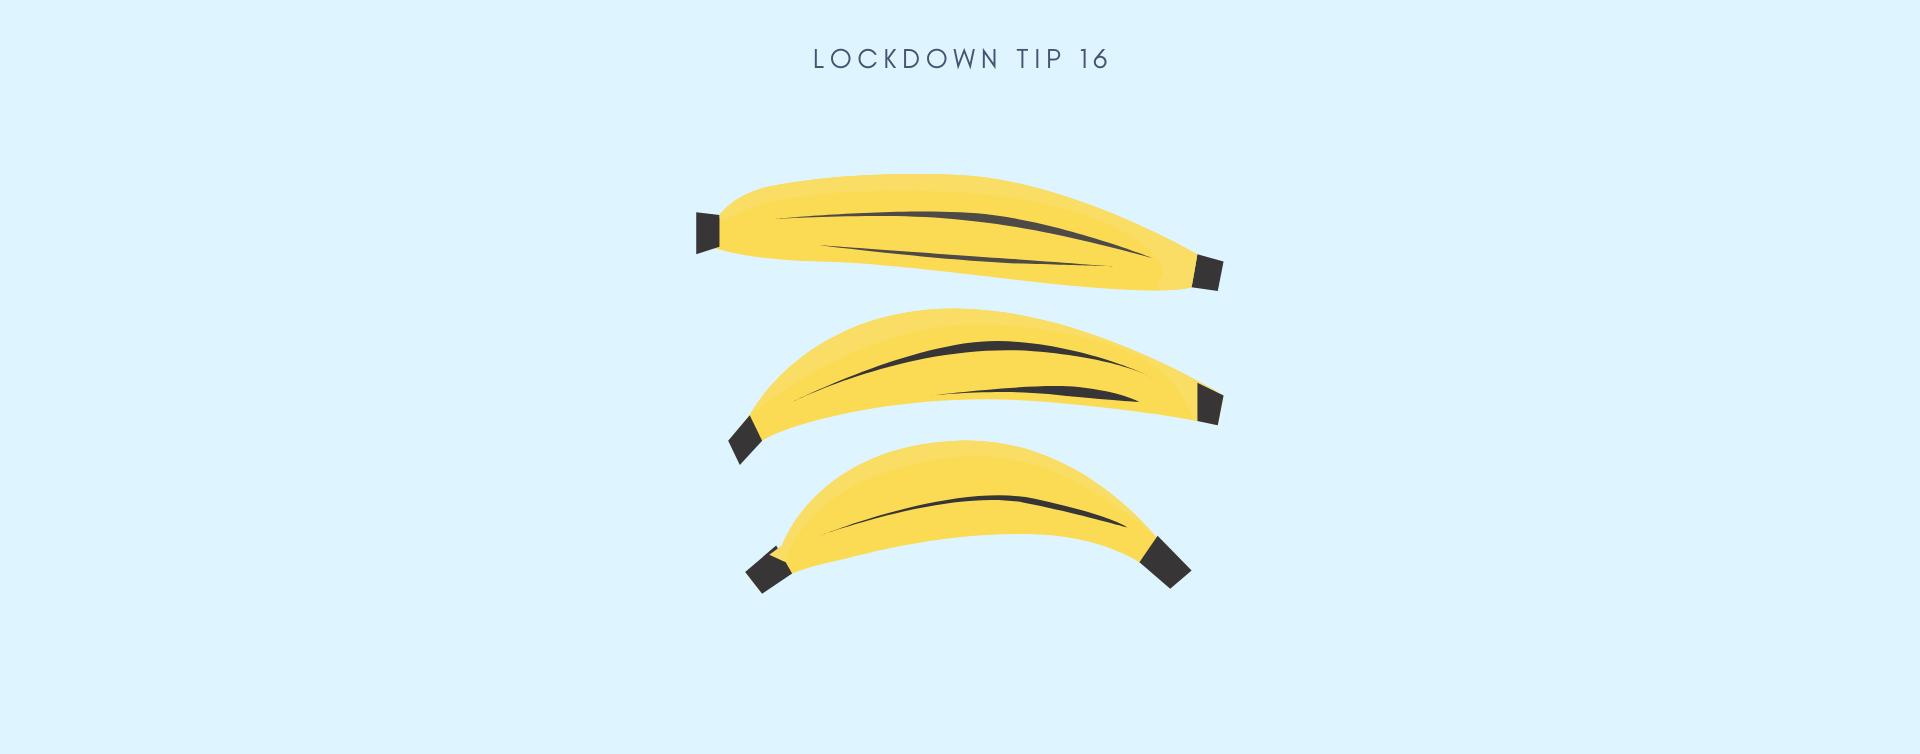 MCSA Lockdown Tip 16